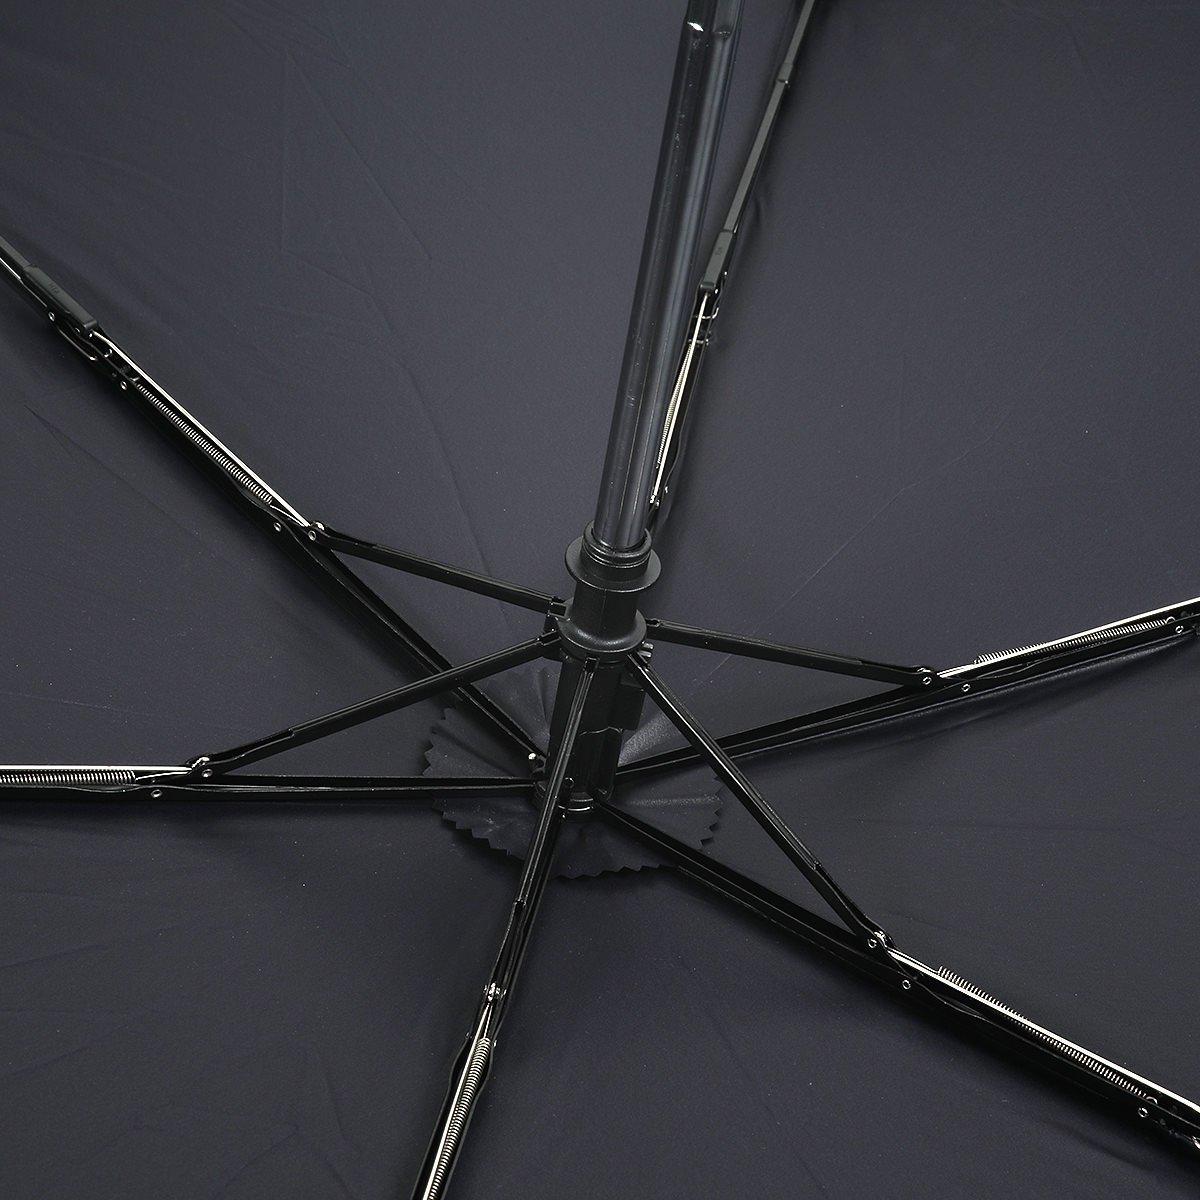 自動開閉 耐風骨 ミノテック オールシーズン 折りたたみ傘 詳細画像6